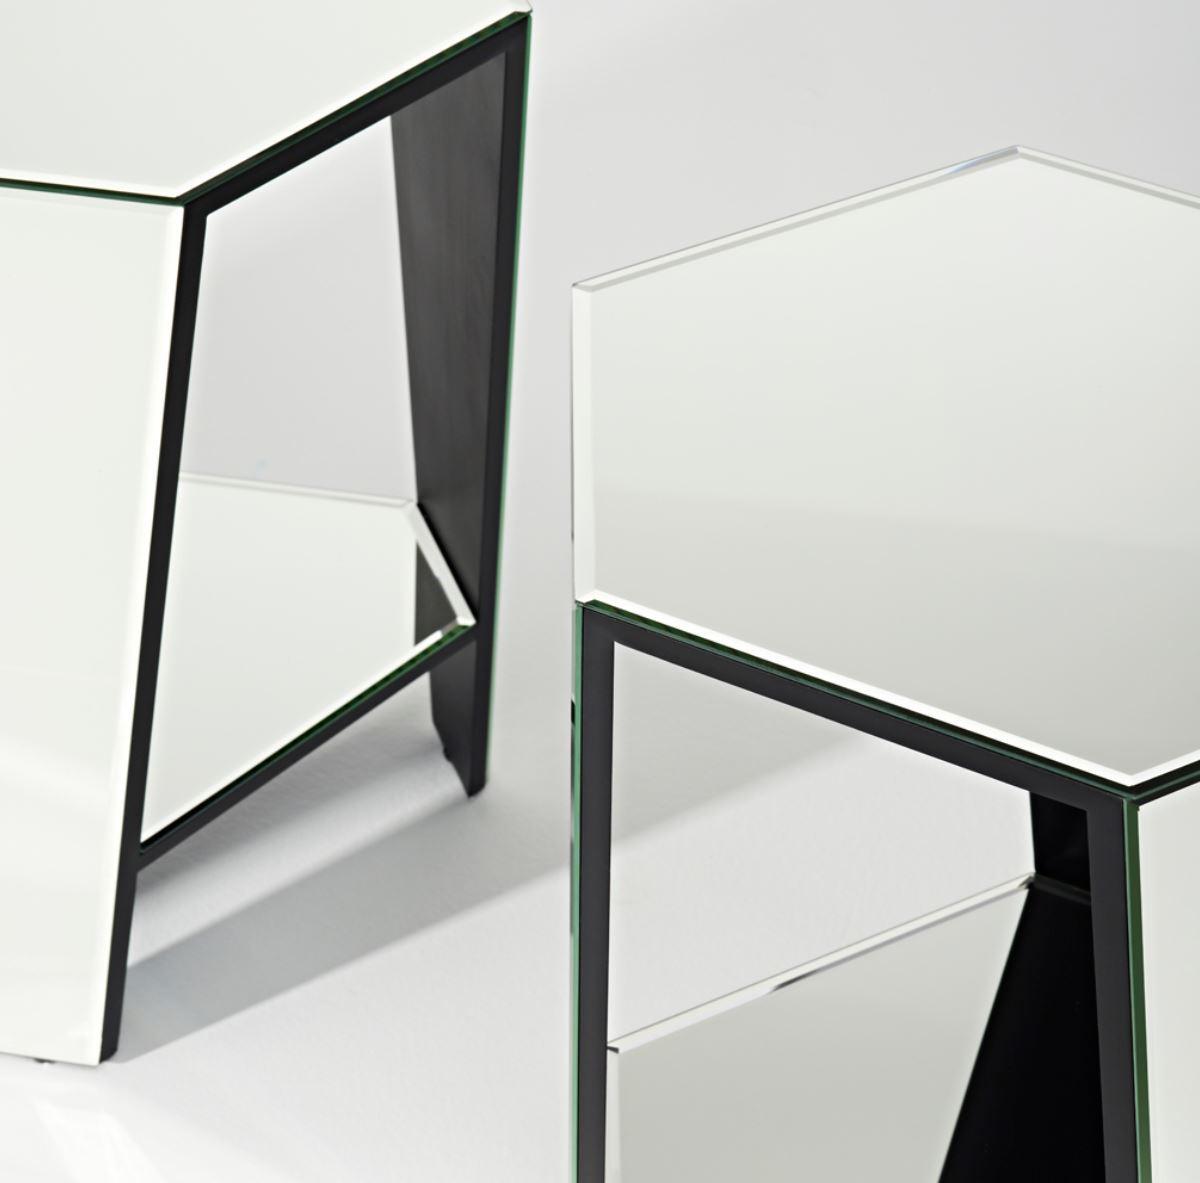 casa padrino luxus spiegelglas beistelltisch 45 x 40 x h 56 cm designerm bel beistelltische. Black Bedroom Furniture Sets. Home Design Ideas